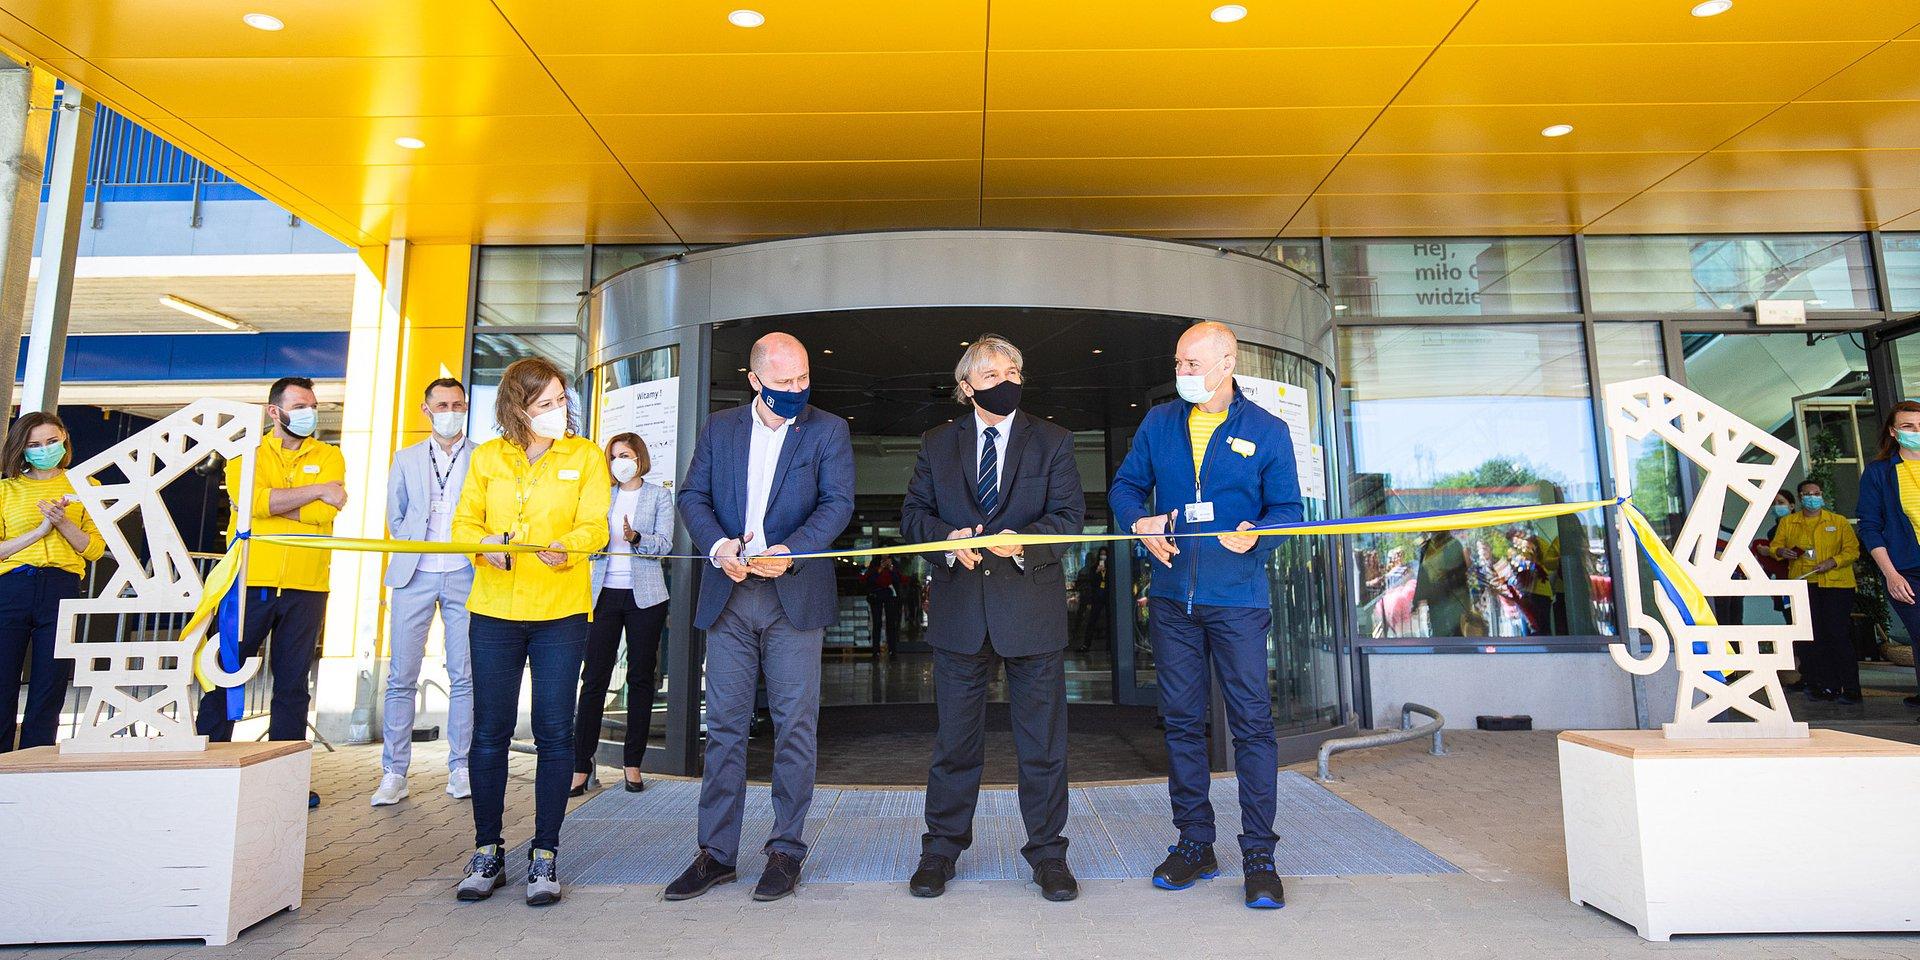 Sklep IKEA w Szczecinie otwarty!